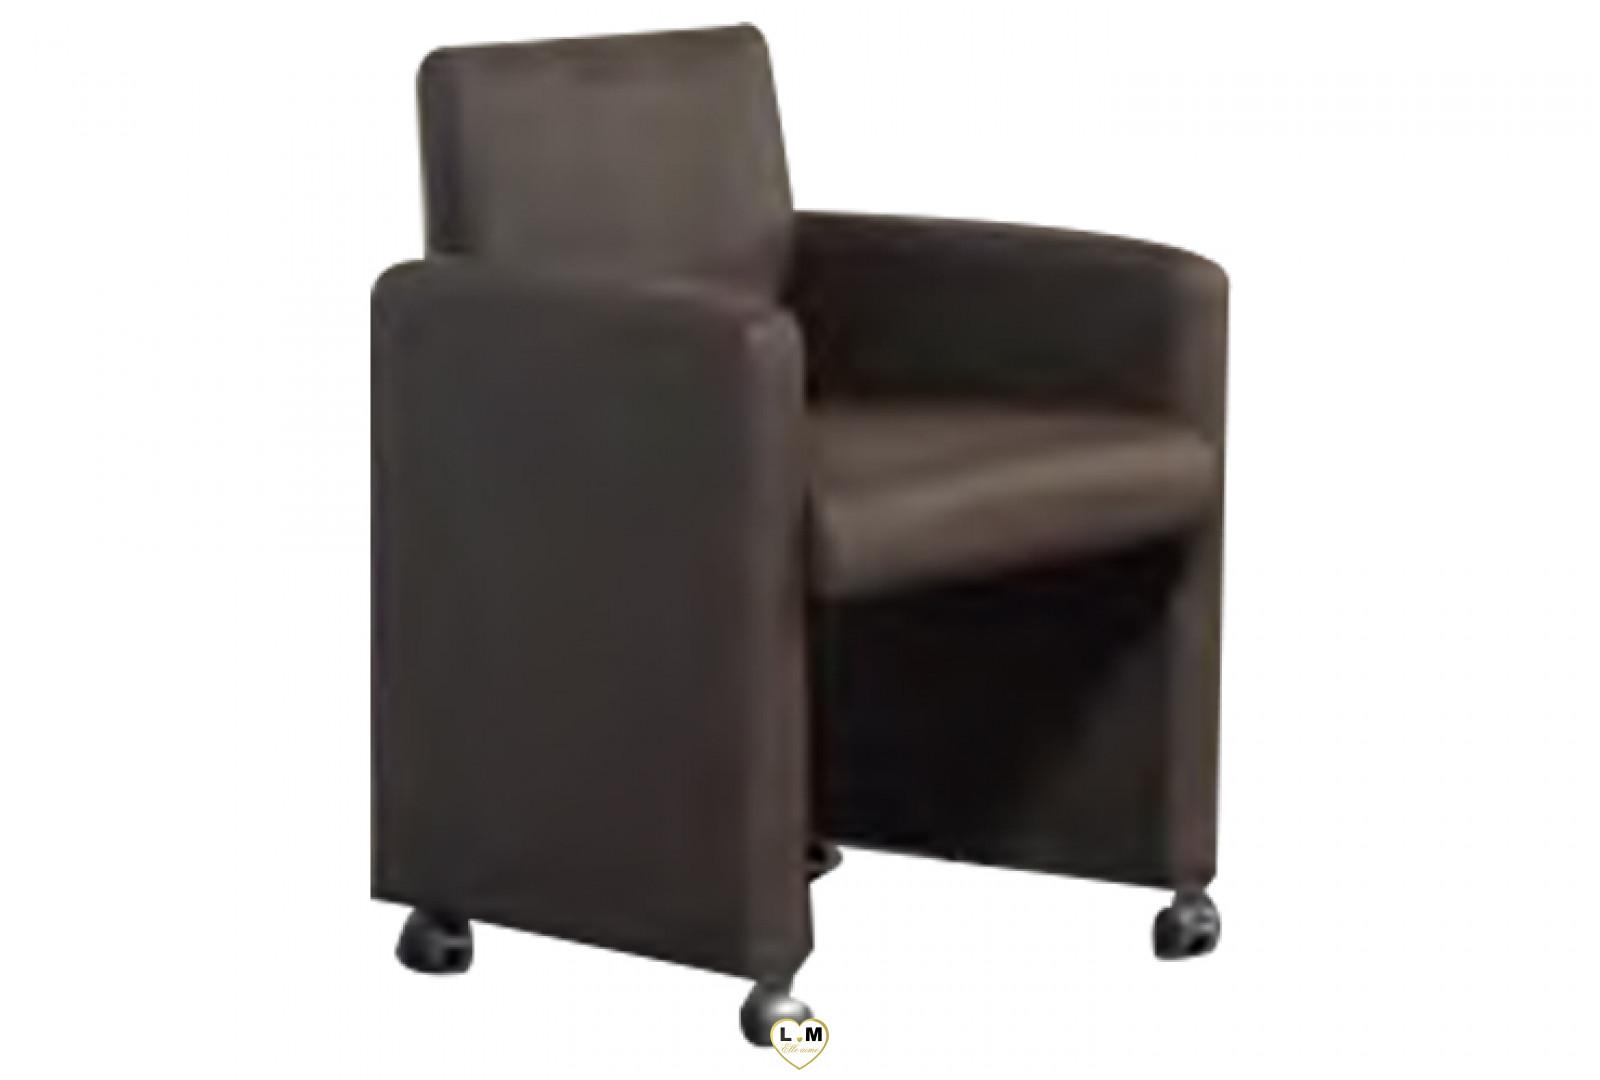 papillon chene brun fauteuil roulettes marron lignemeuble com. Black Bedroom Furniture Sets. Home Design Ideas